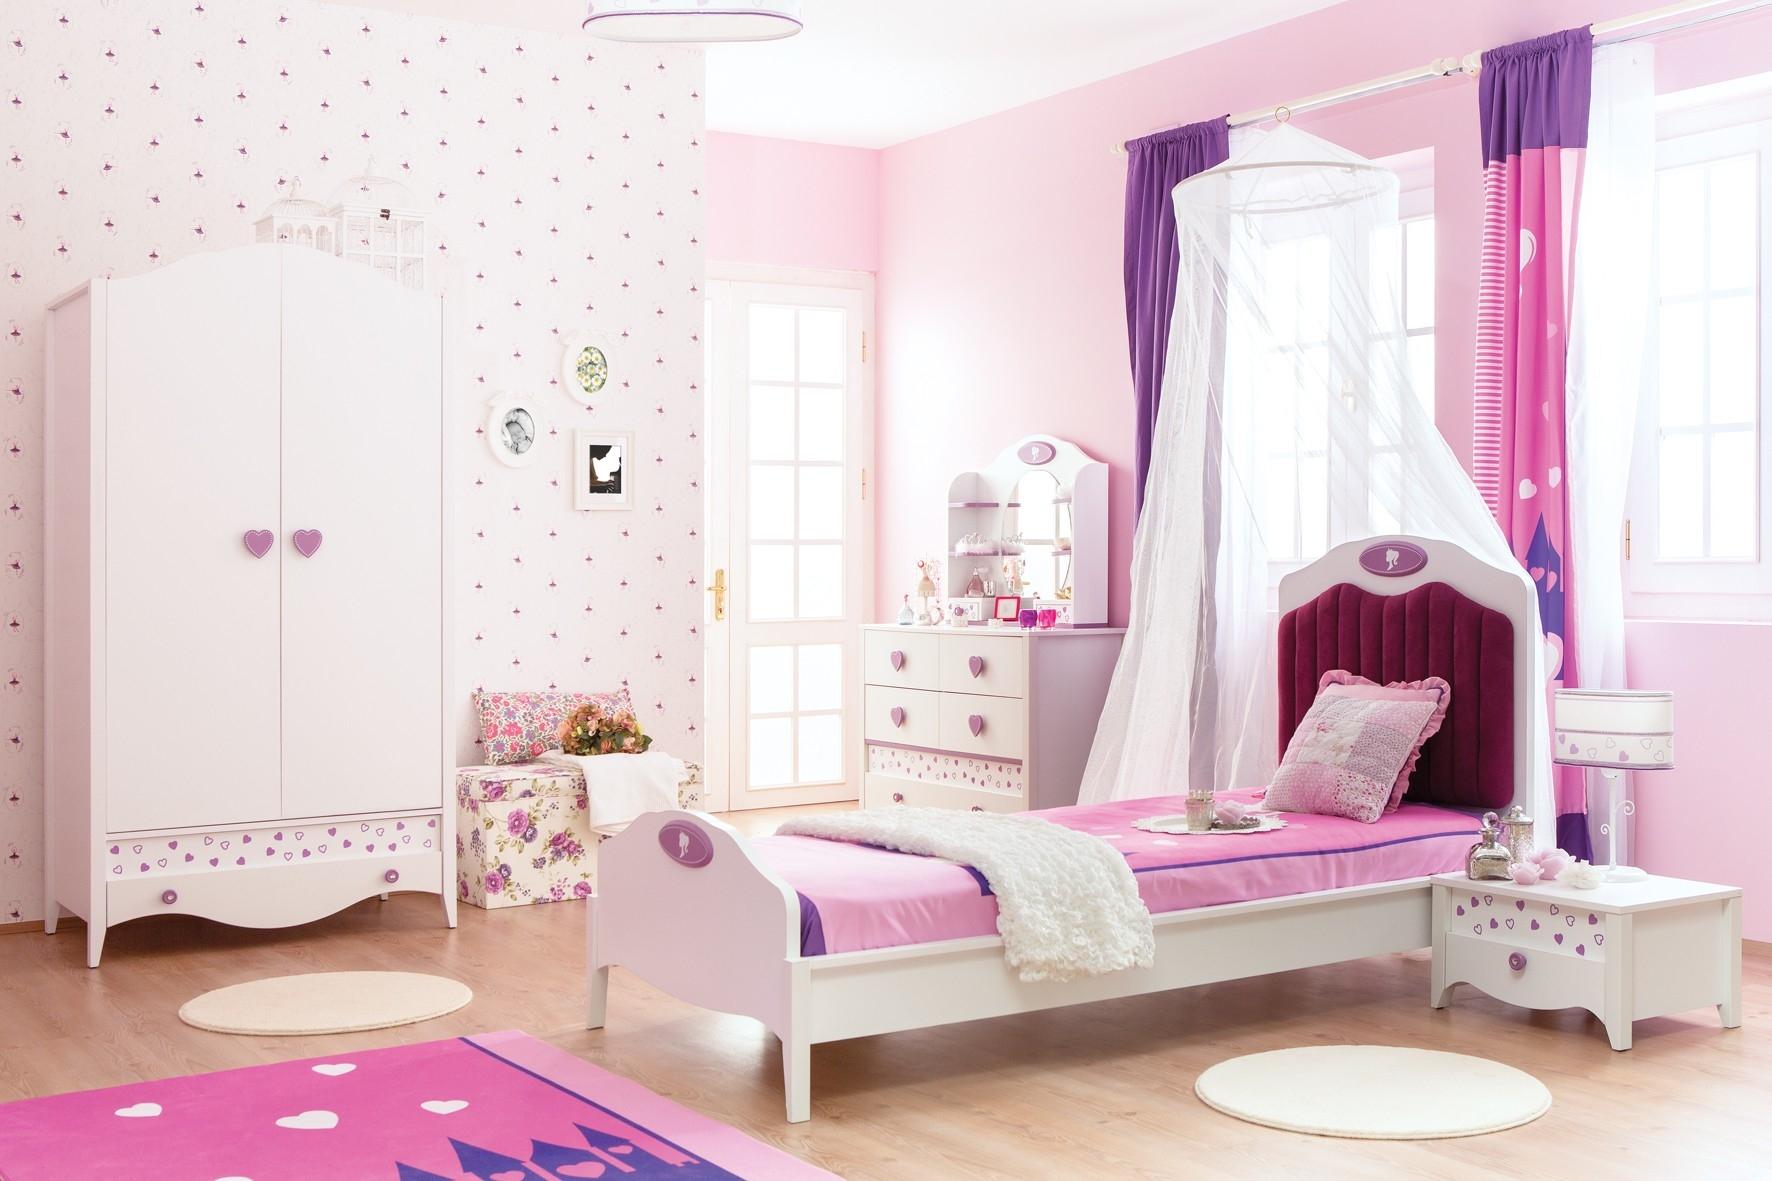 Newjoy Princess Childrens 2 Door Wardrobe Throughout Childrens Pink Wardrobes (View 10 of 25)